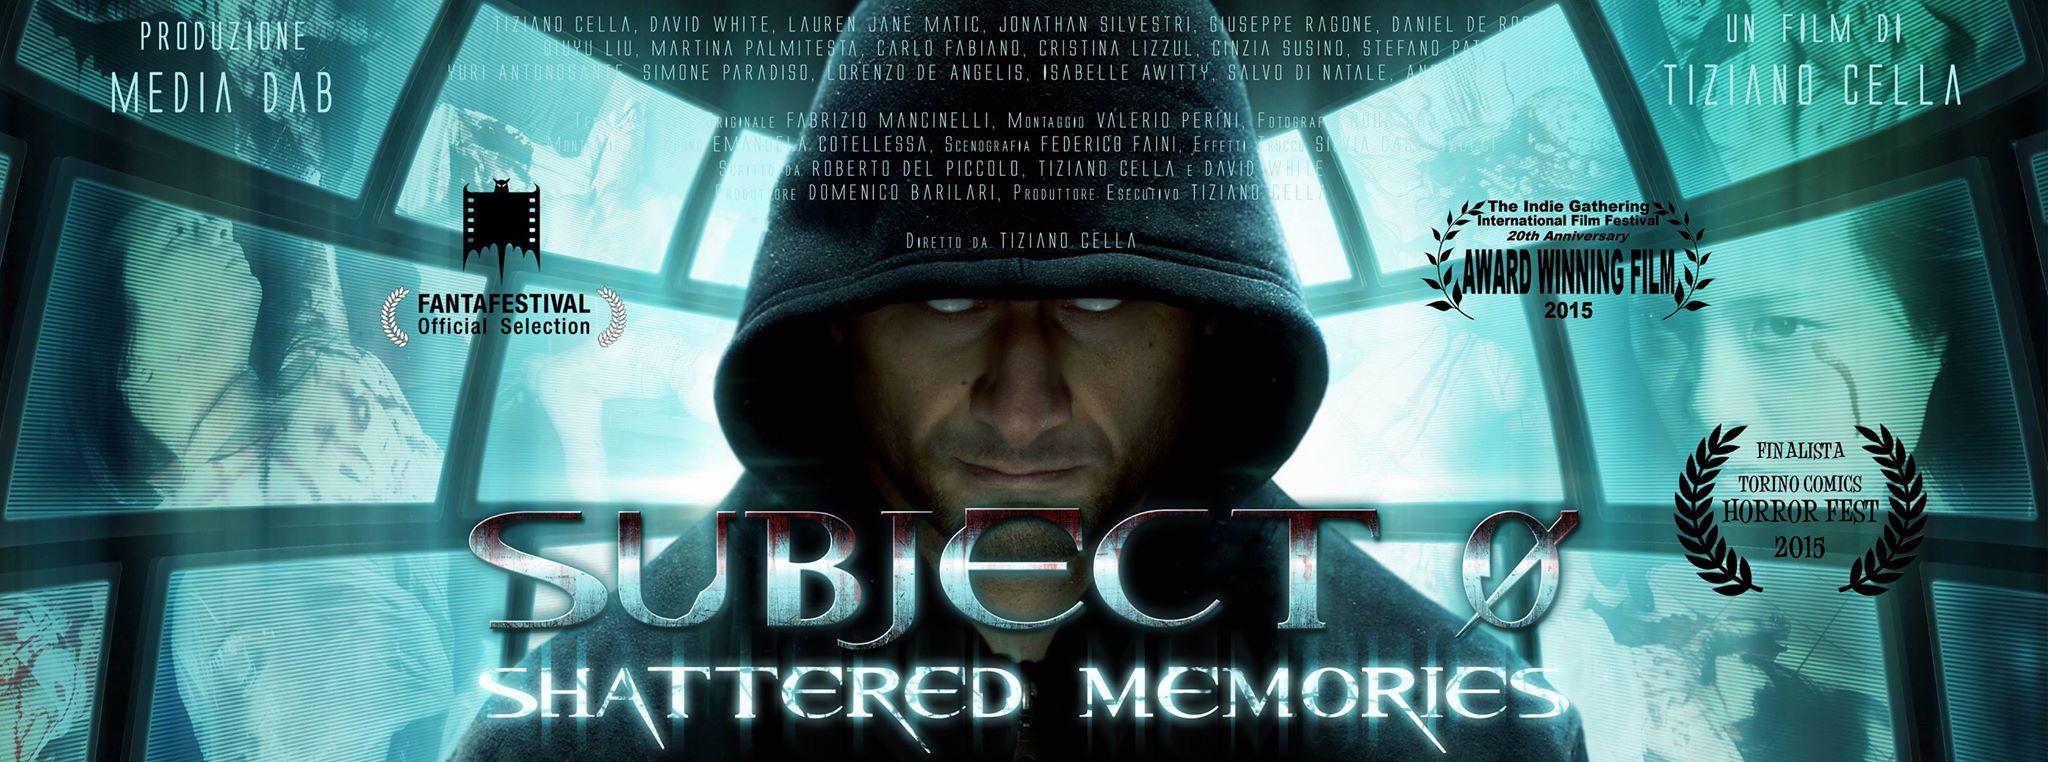 """Tiziano Cella è il simpatico regista ed interprete romano del lungometraggio """"Subject 0 Shattered Memories"""". Il suo film è stato proiettato sul grande schermo della sala rossa del Torino Comics […]"""